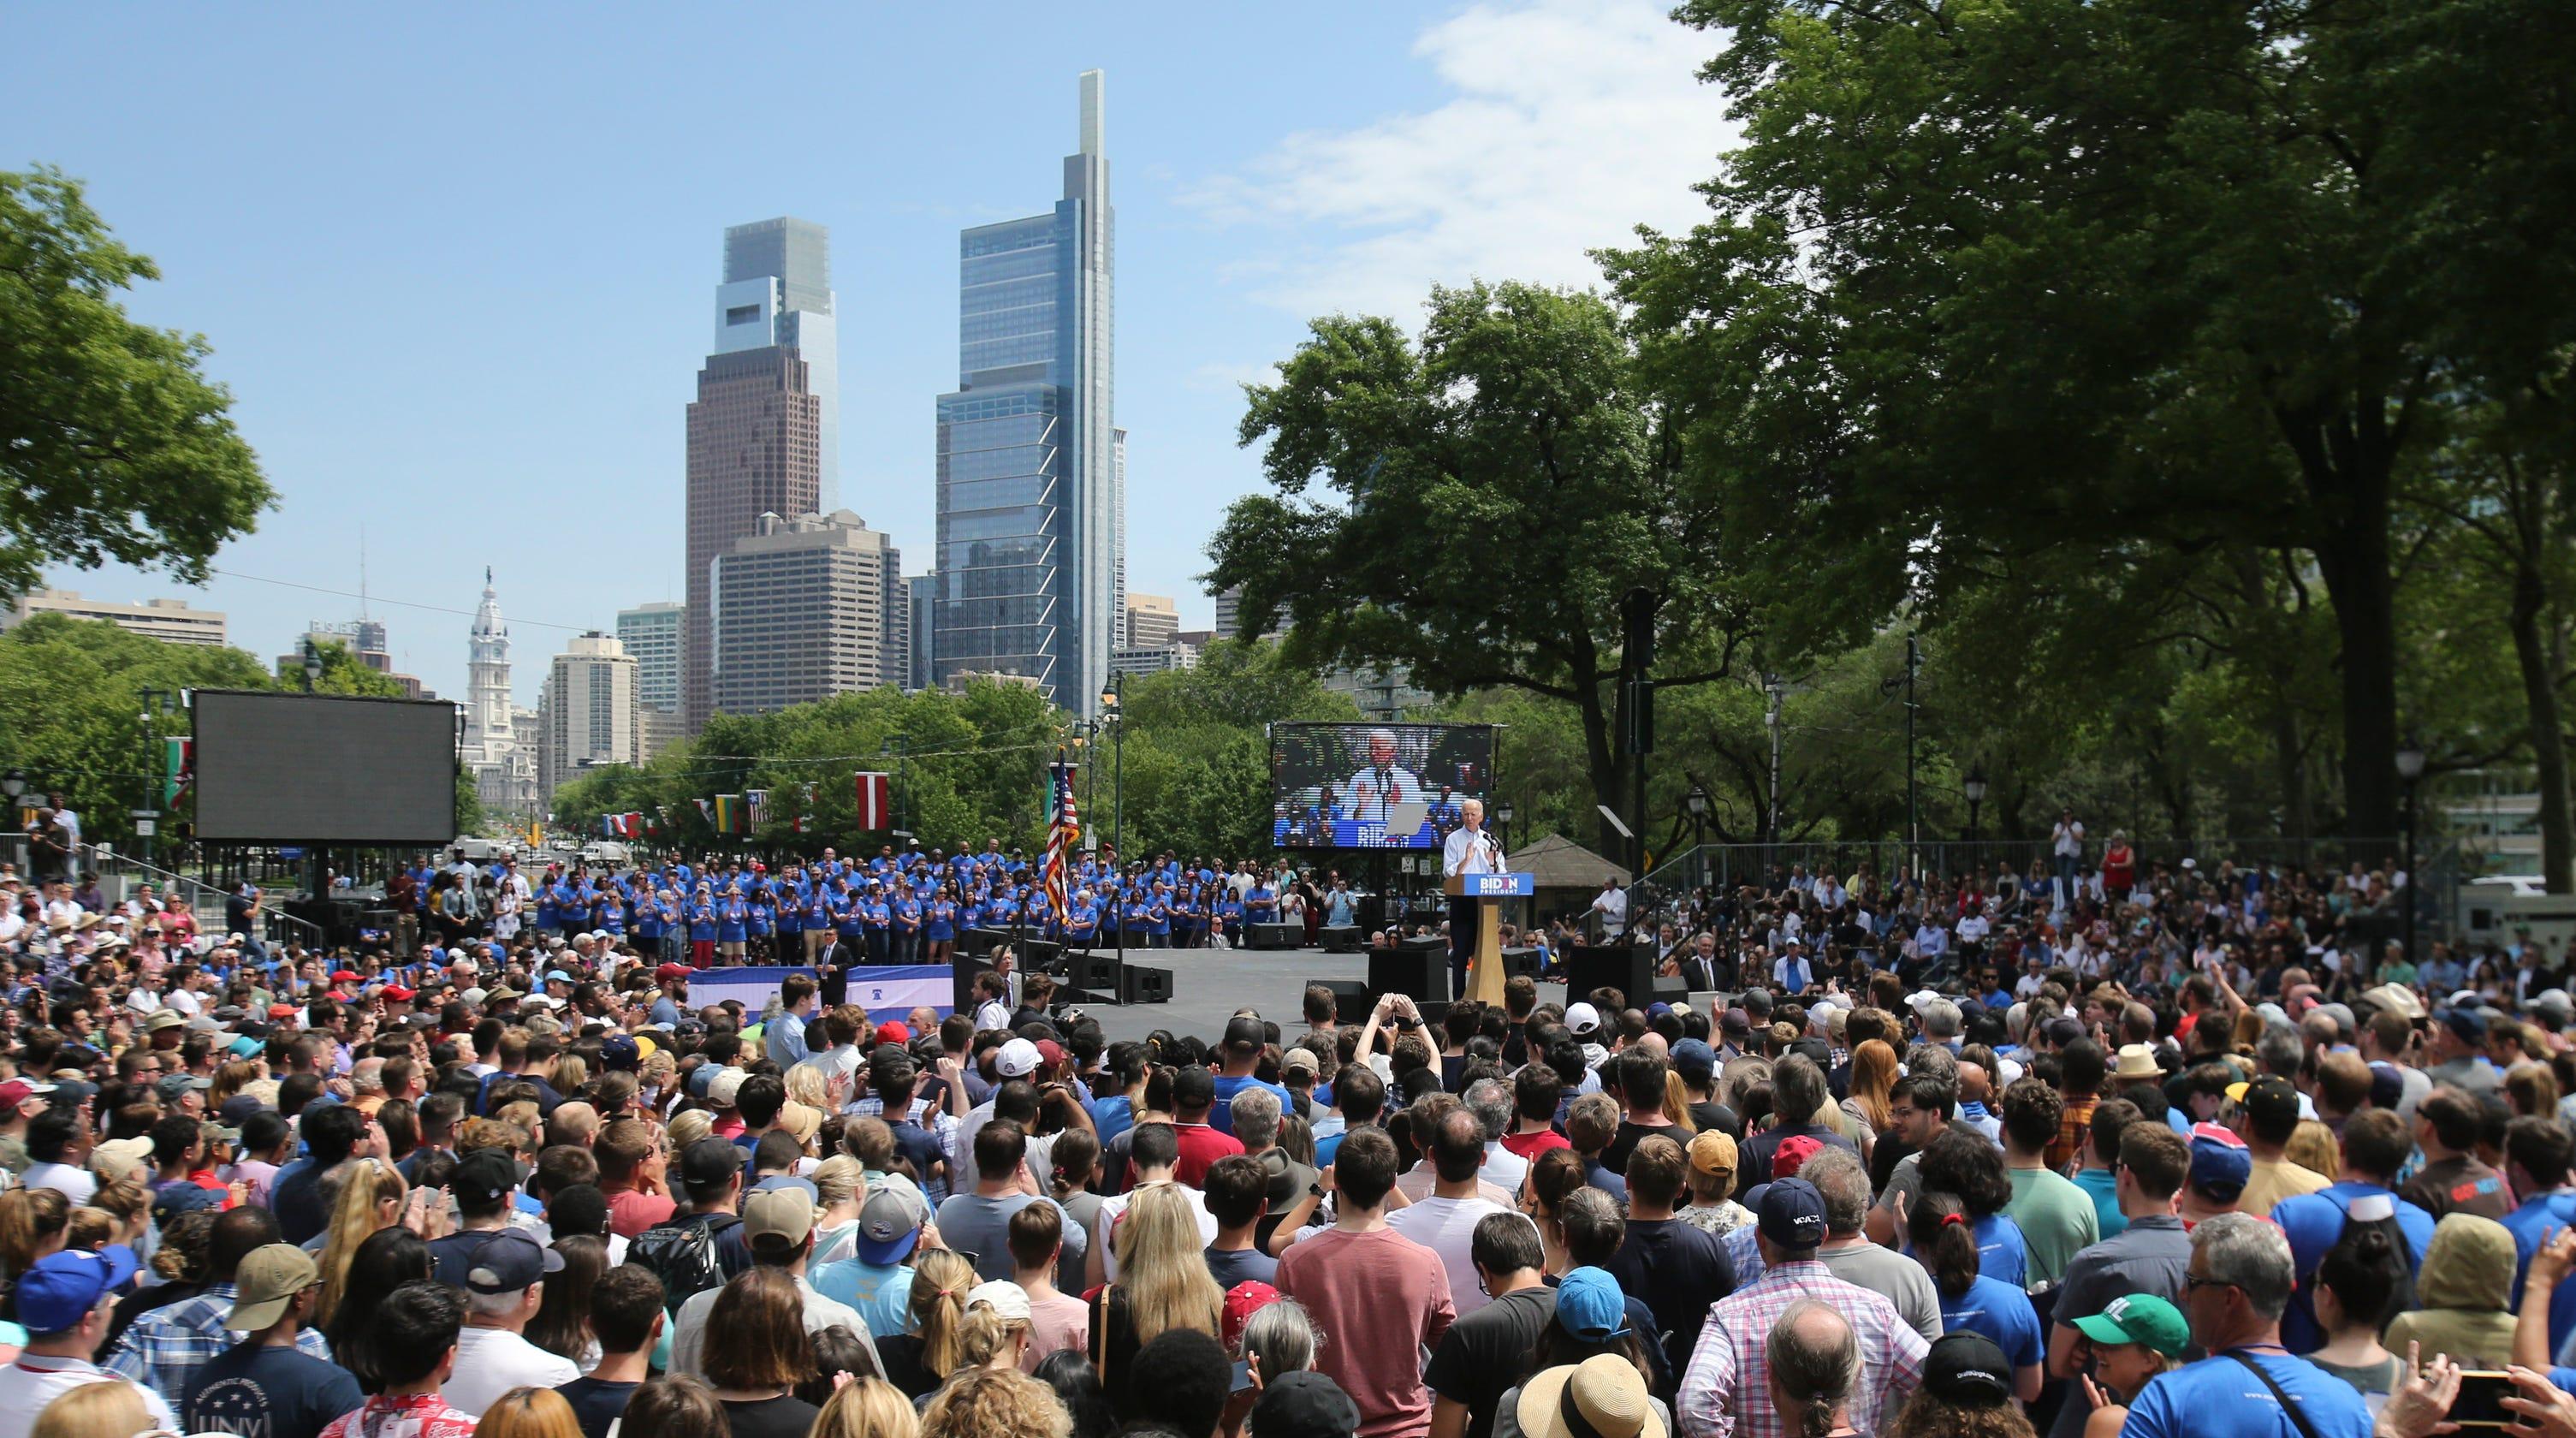 Biden In Philadelphia: 2020 Frontrunner Calls For Unity